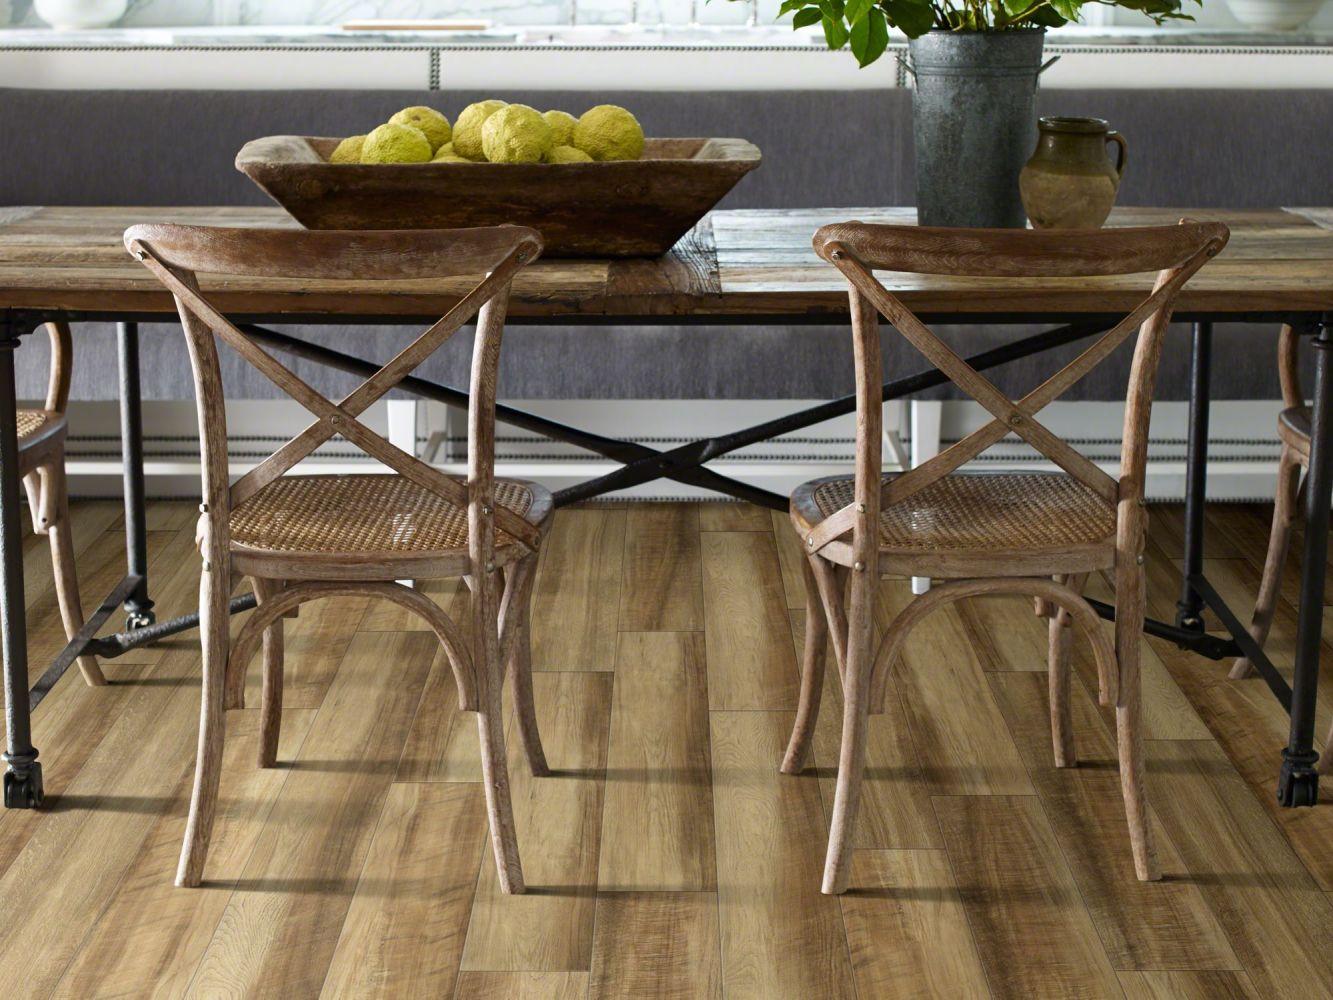 Shaw Floors Resilient Residential Valore Plus Plank Malta 00203_2545V